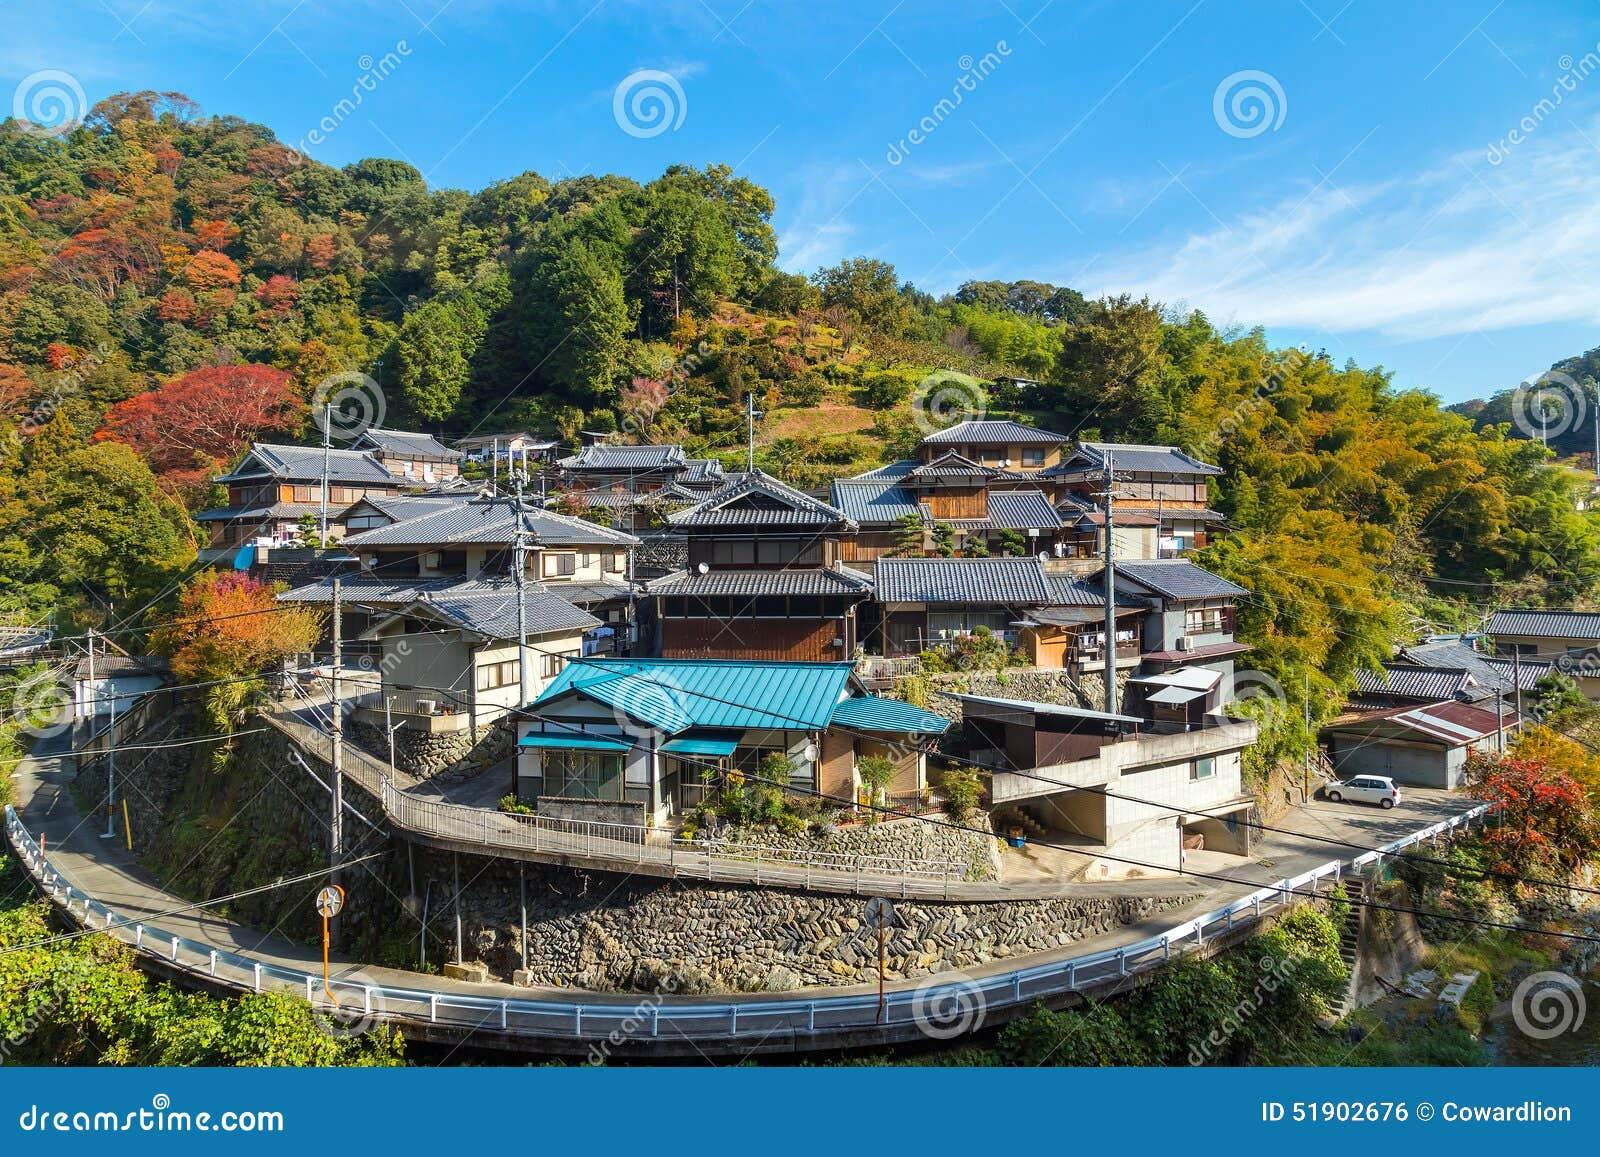 eine gruppe japanische huser redaktionelles foto - Japanische Huser